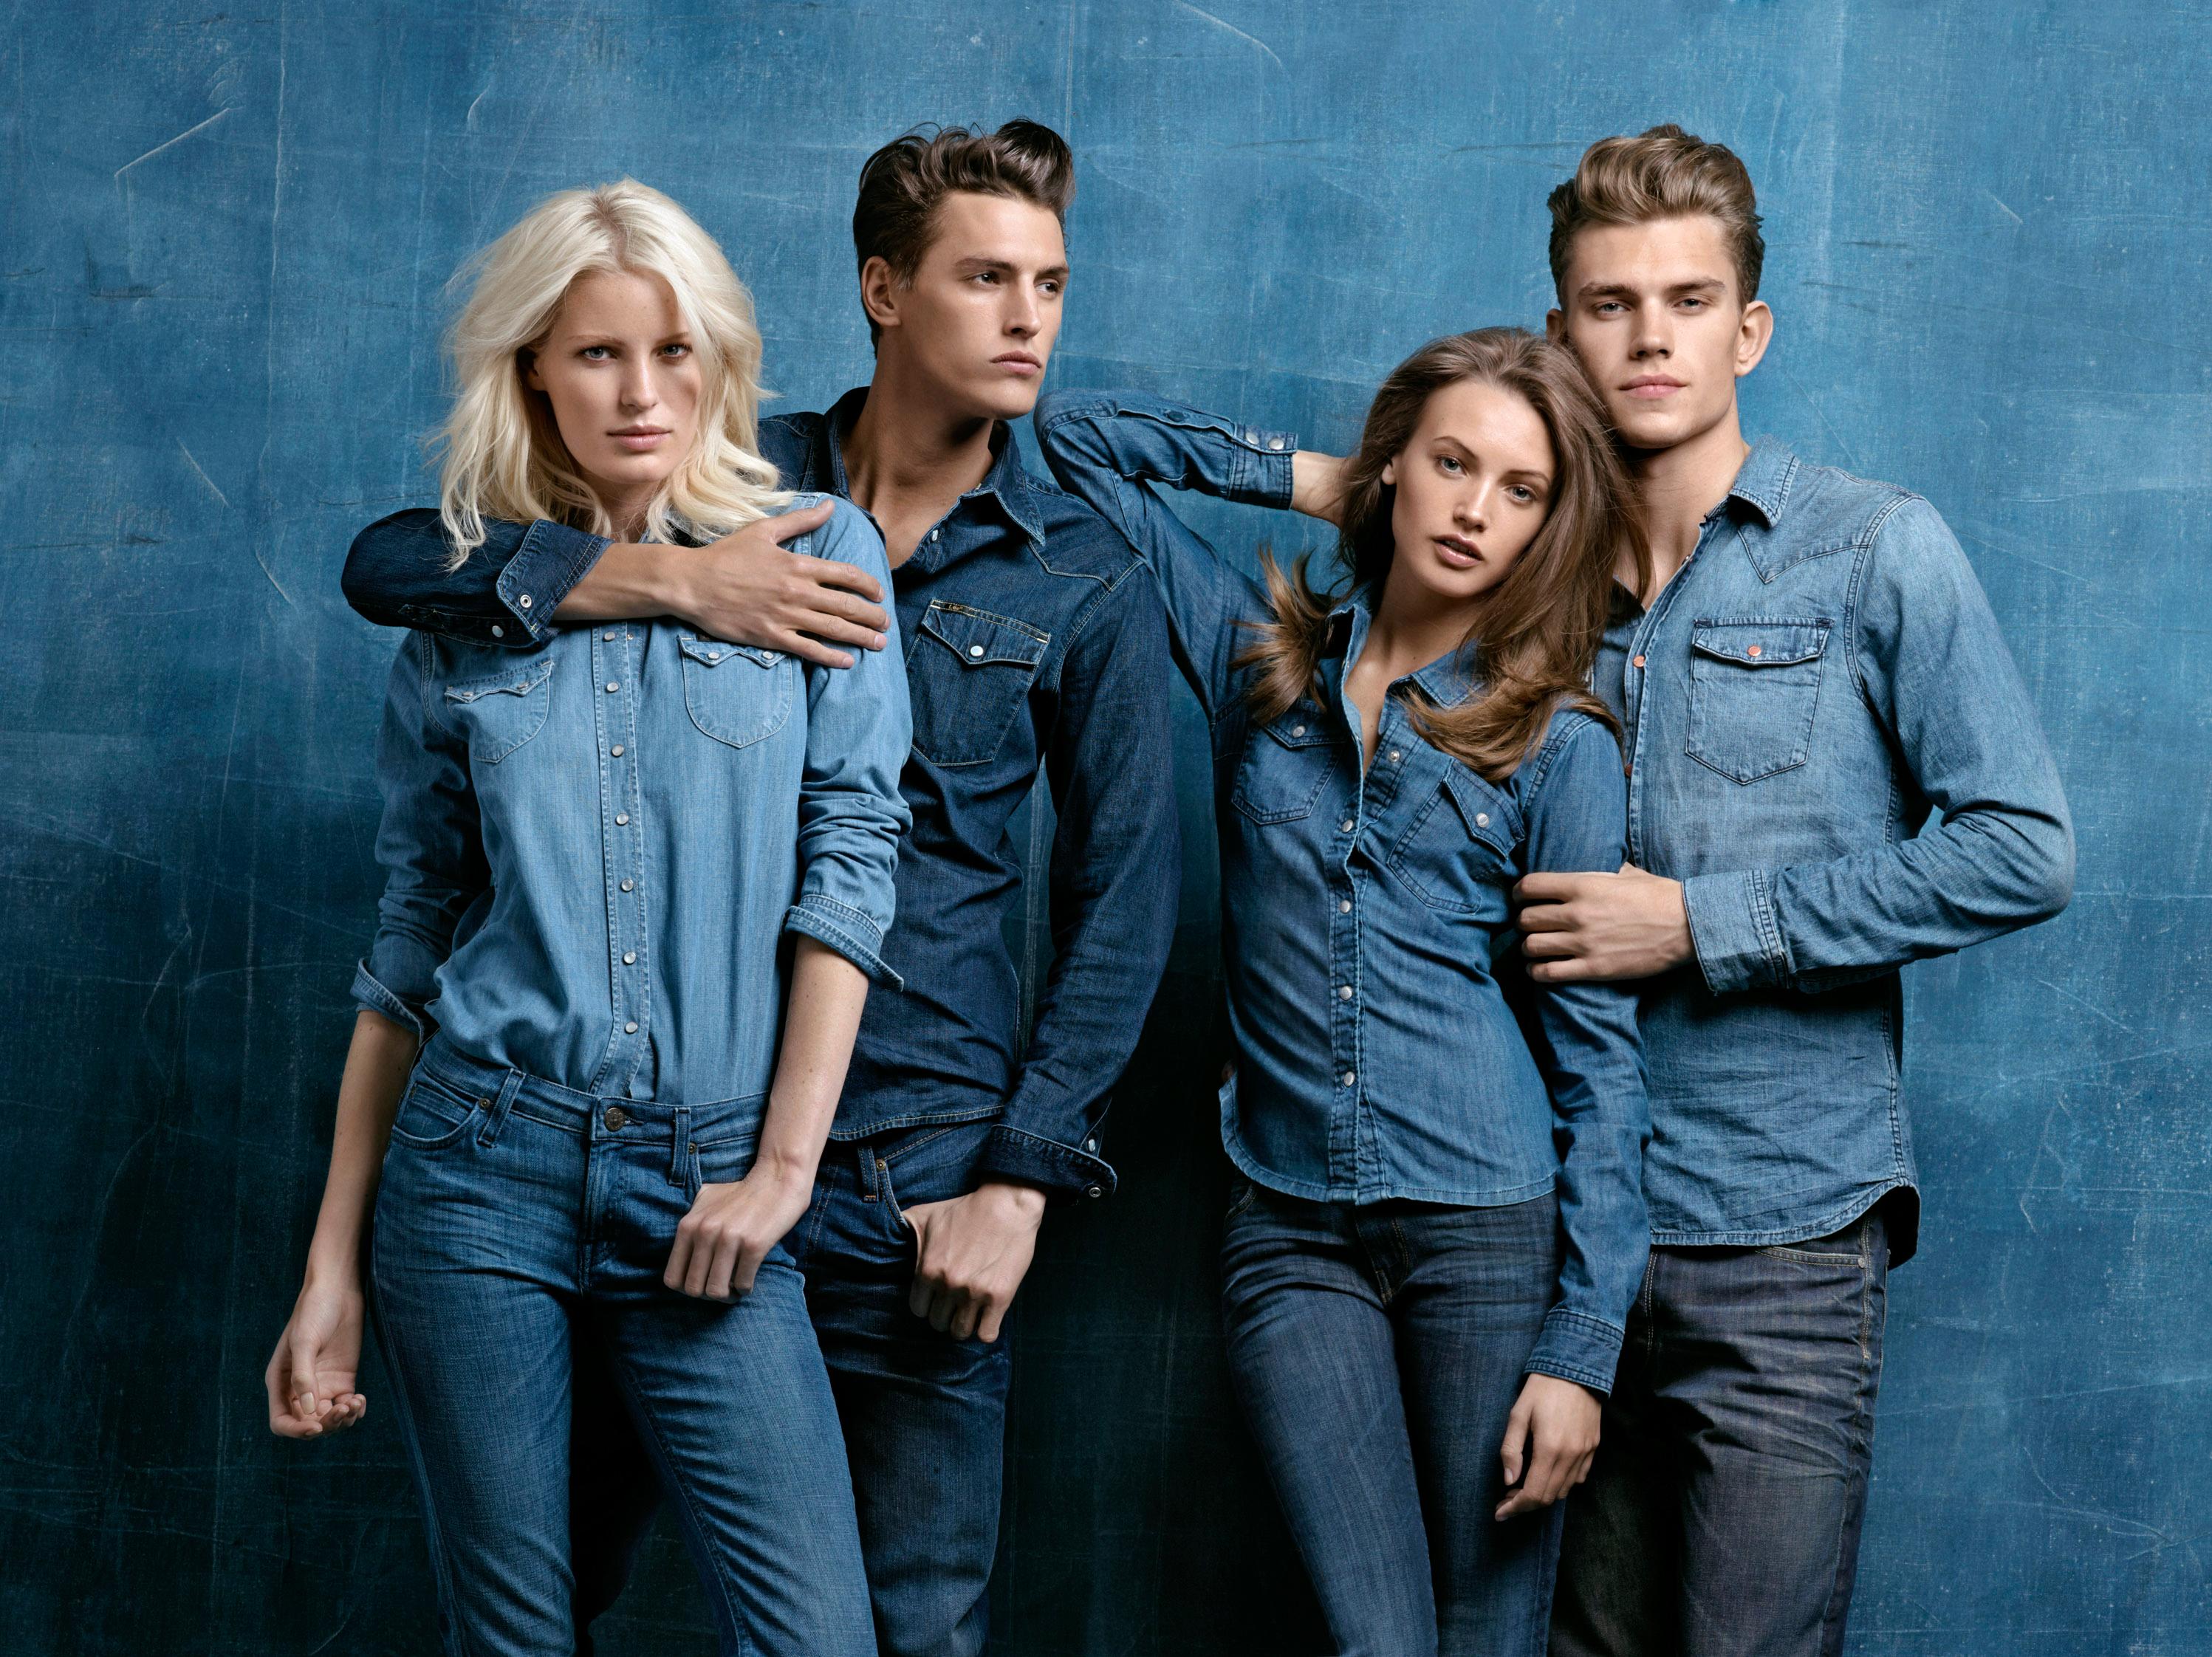 Skinny couple jeans danh cho các cặp đôi là một xu hướng đang HOT của giới trẻ